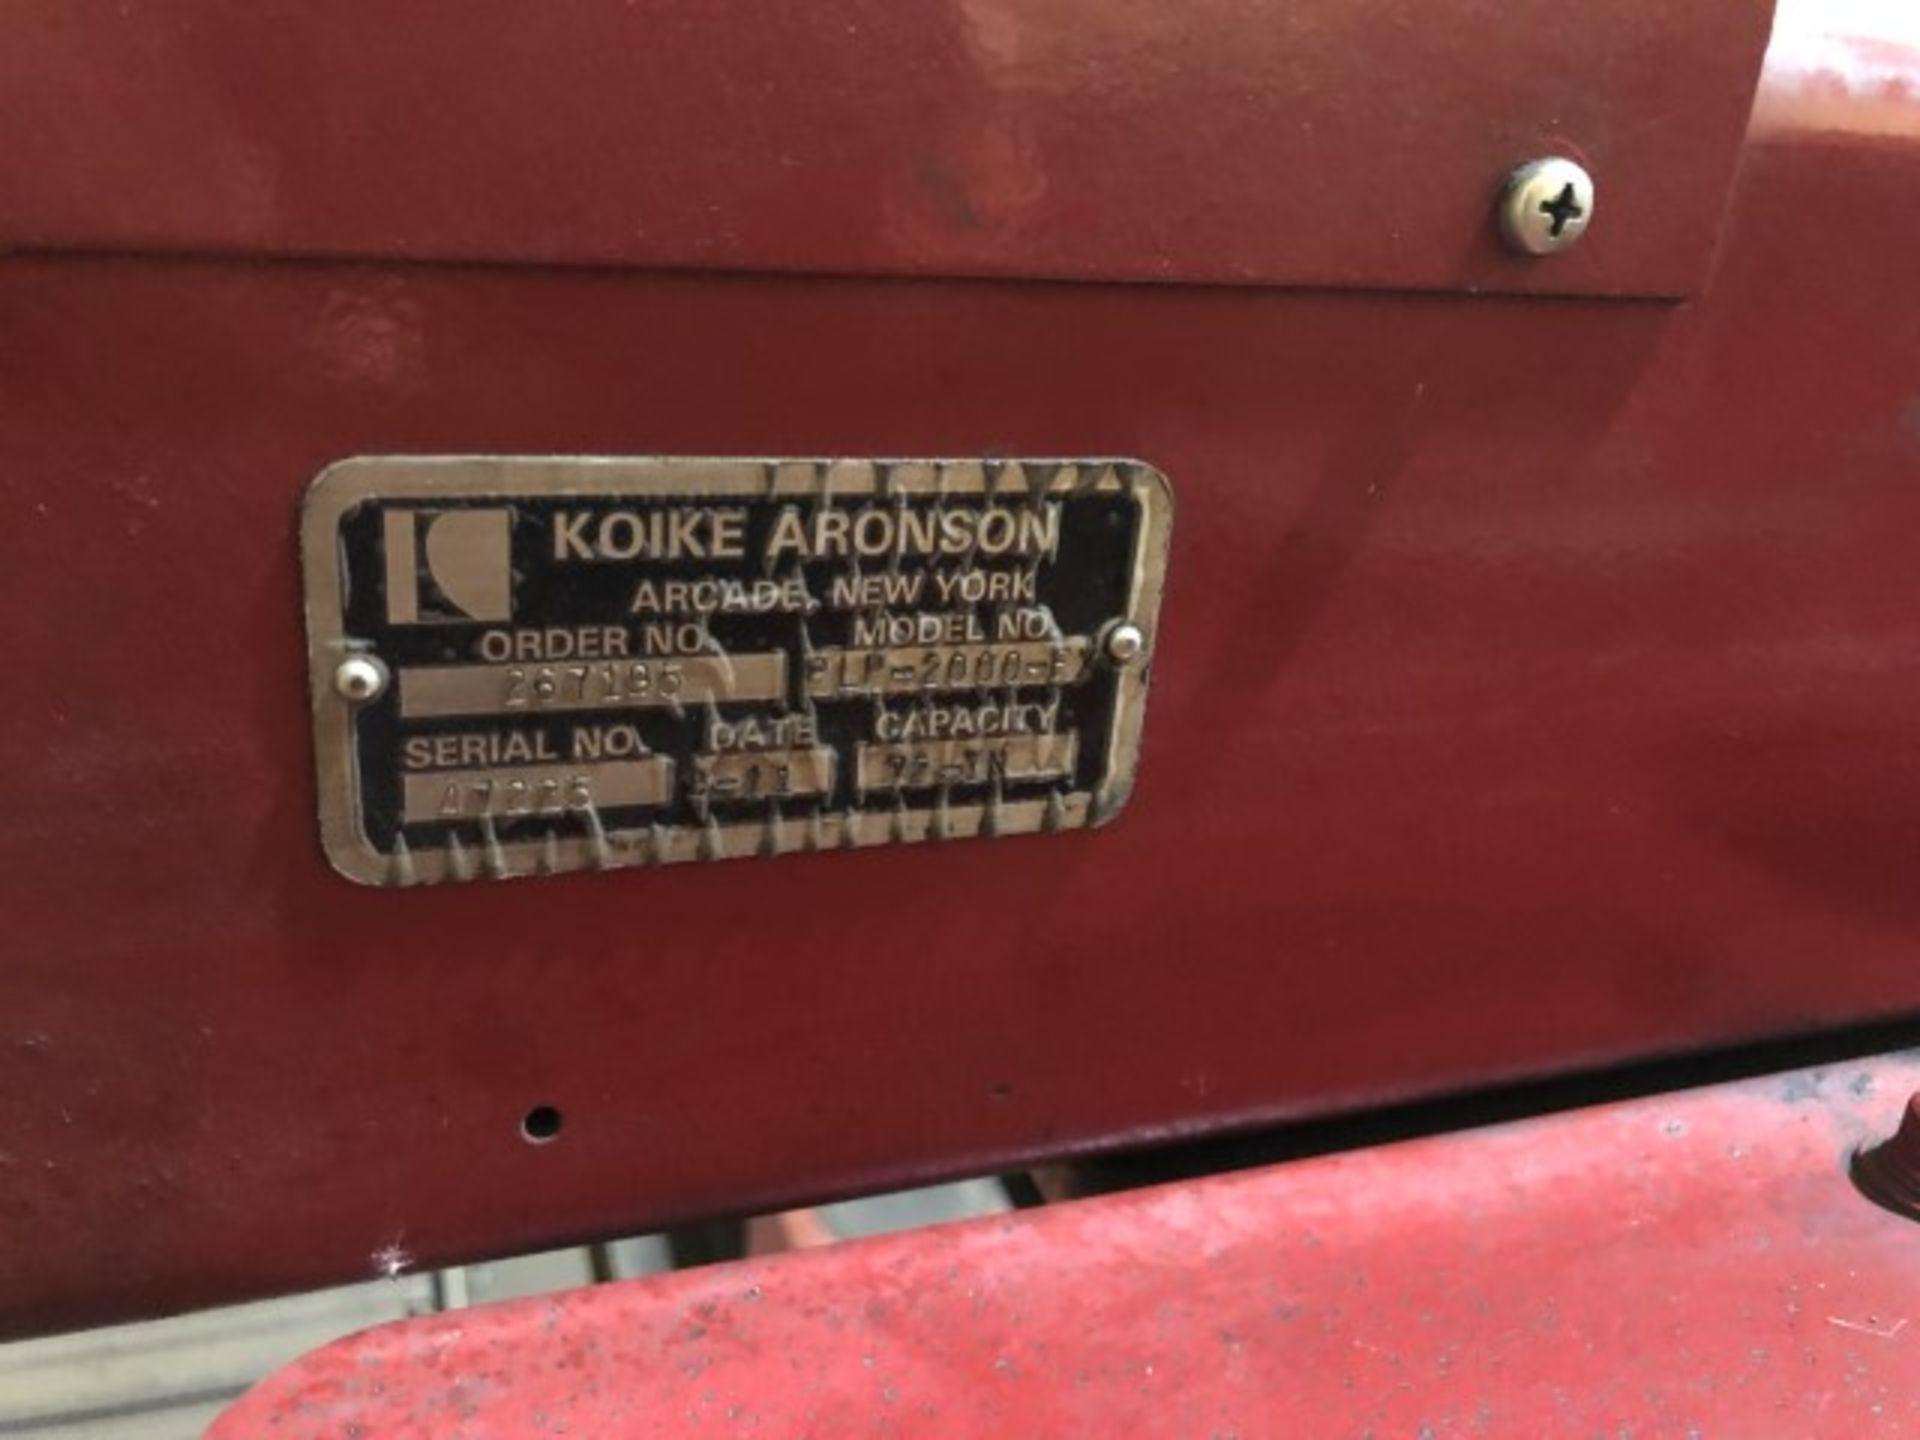 Lot 506 - 2012 Koike Aronson Model PLP2000-E, Plate Pro Extreme Plasma Table, s/n 17225 w/ 8' x 24' Table